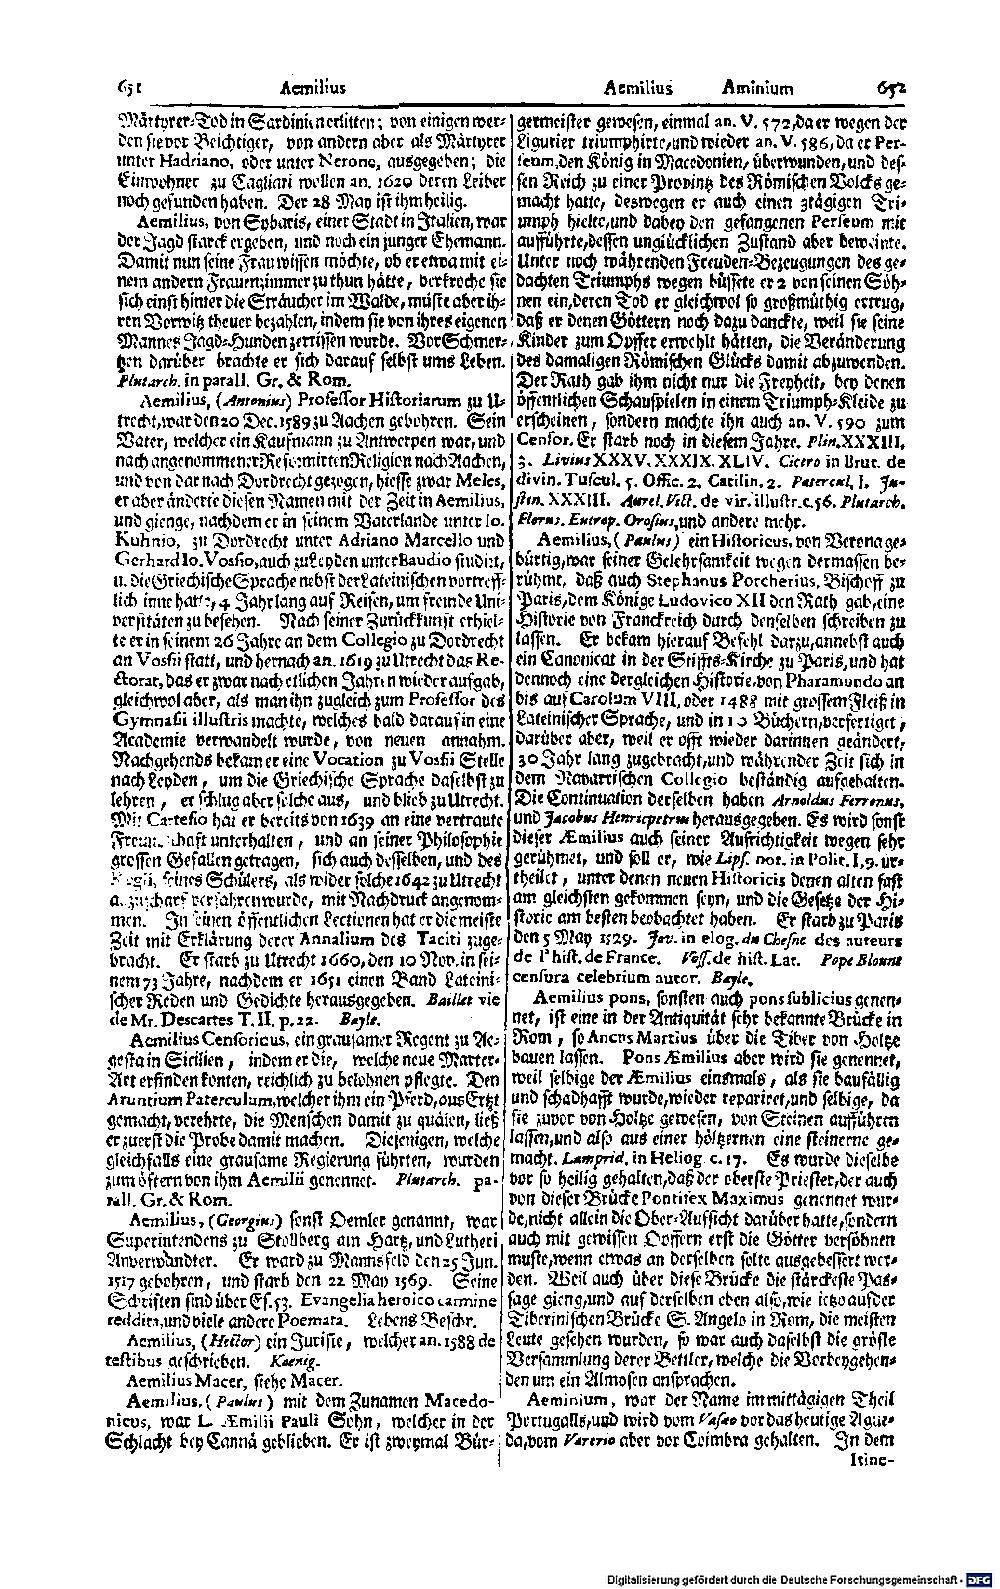 Bd. 01, Seite 0365.